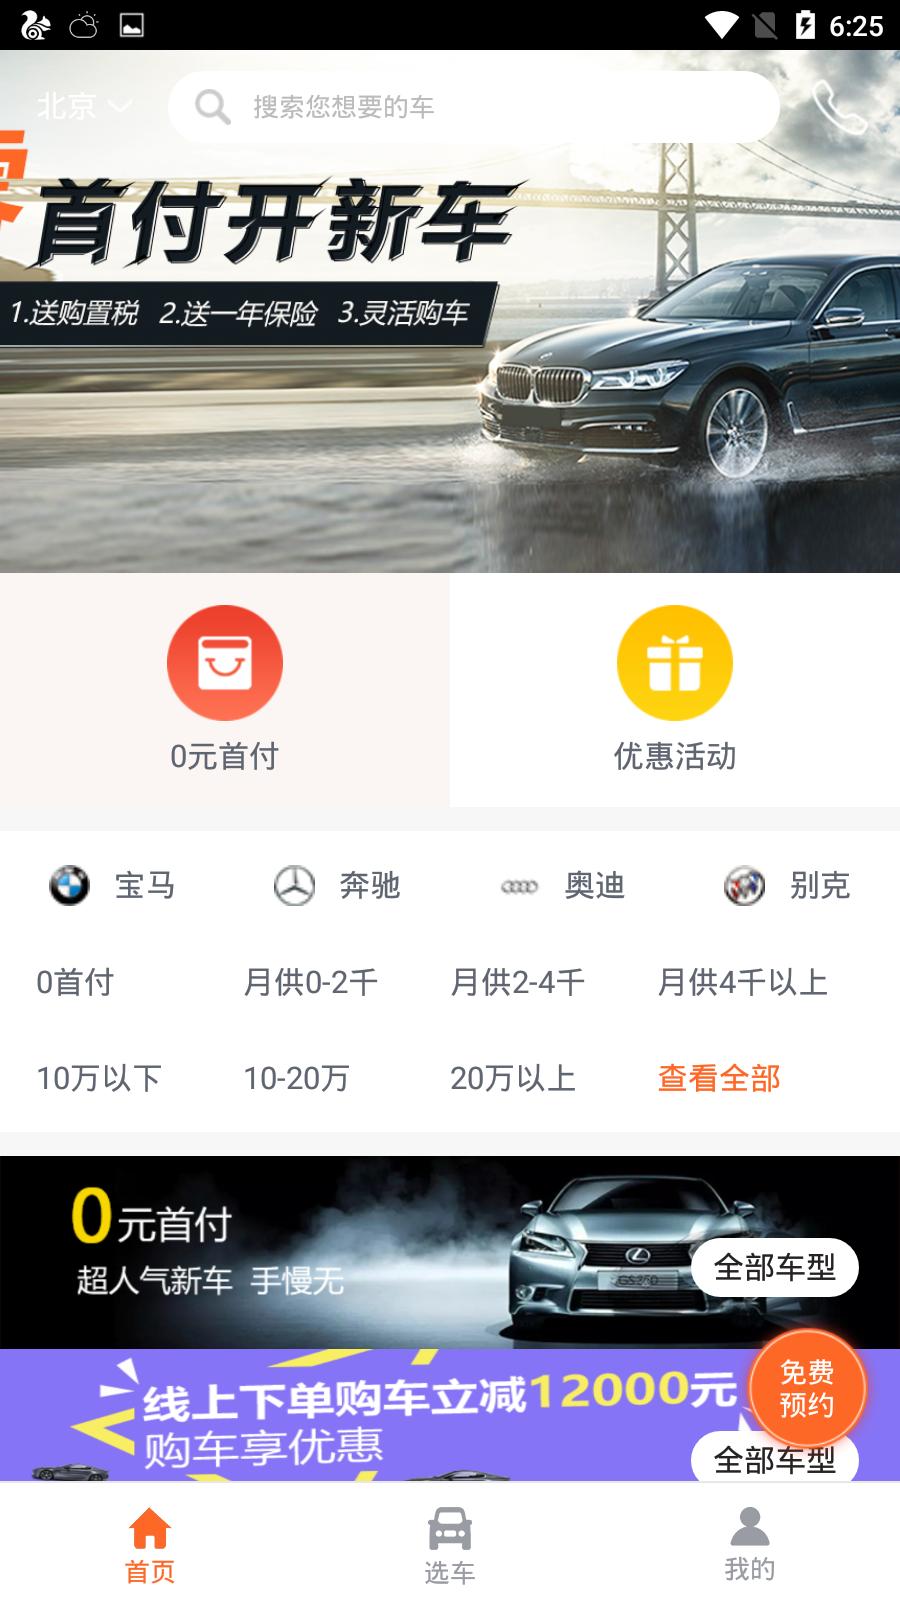 51惠享车app截图